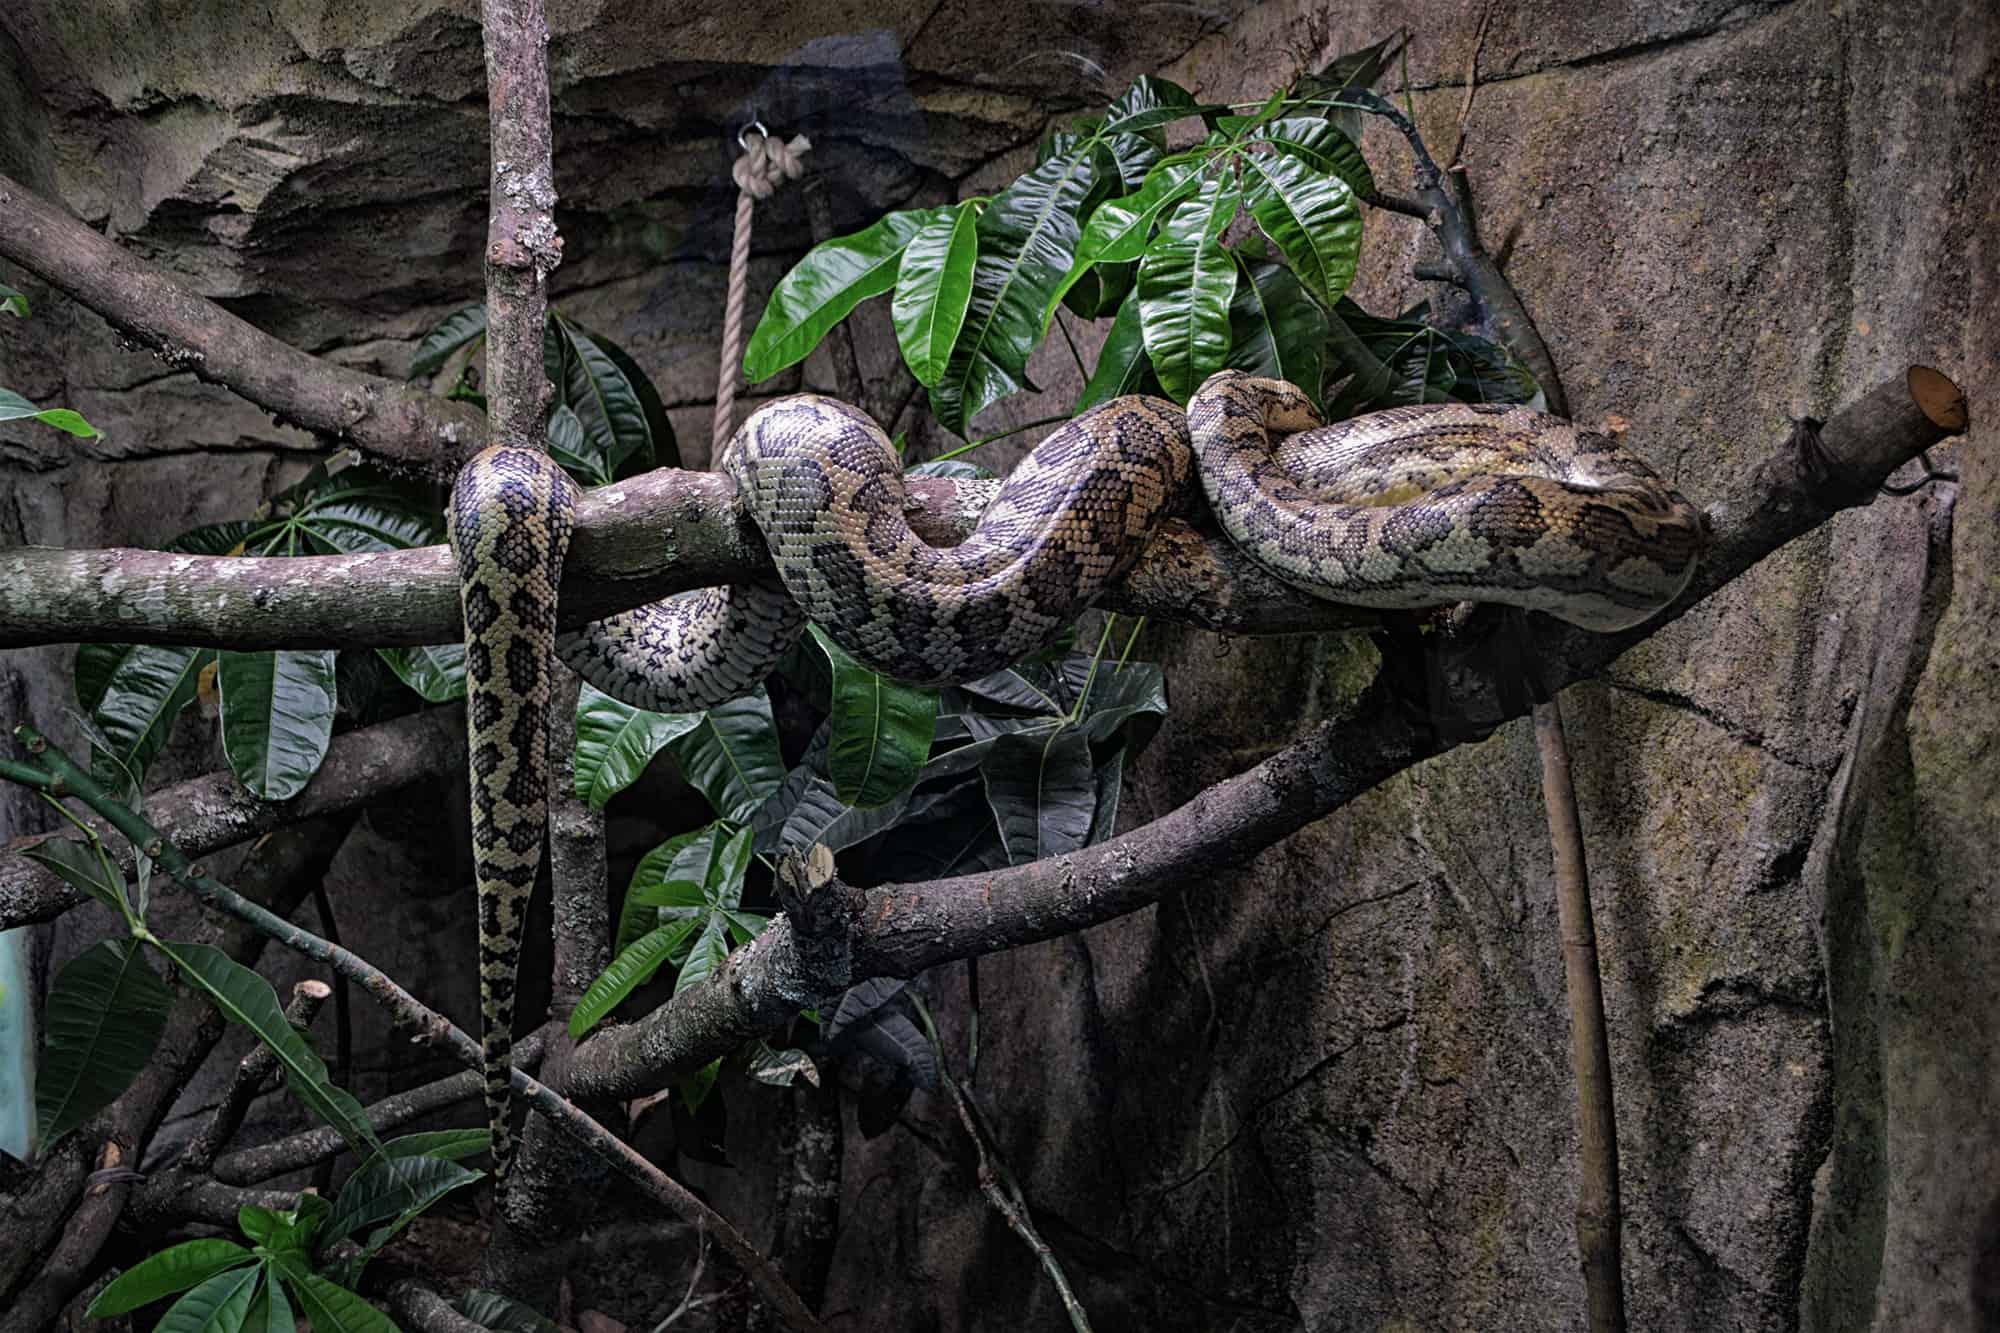 Στον ζωολογικό κήπο τους Ελσίνκι